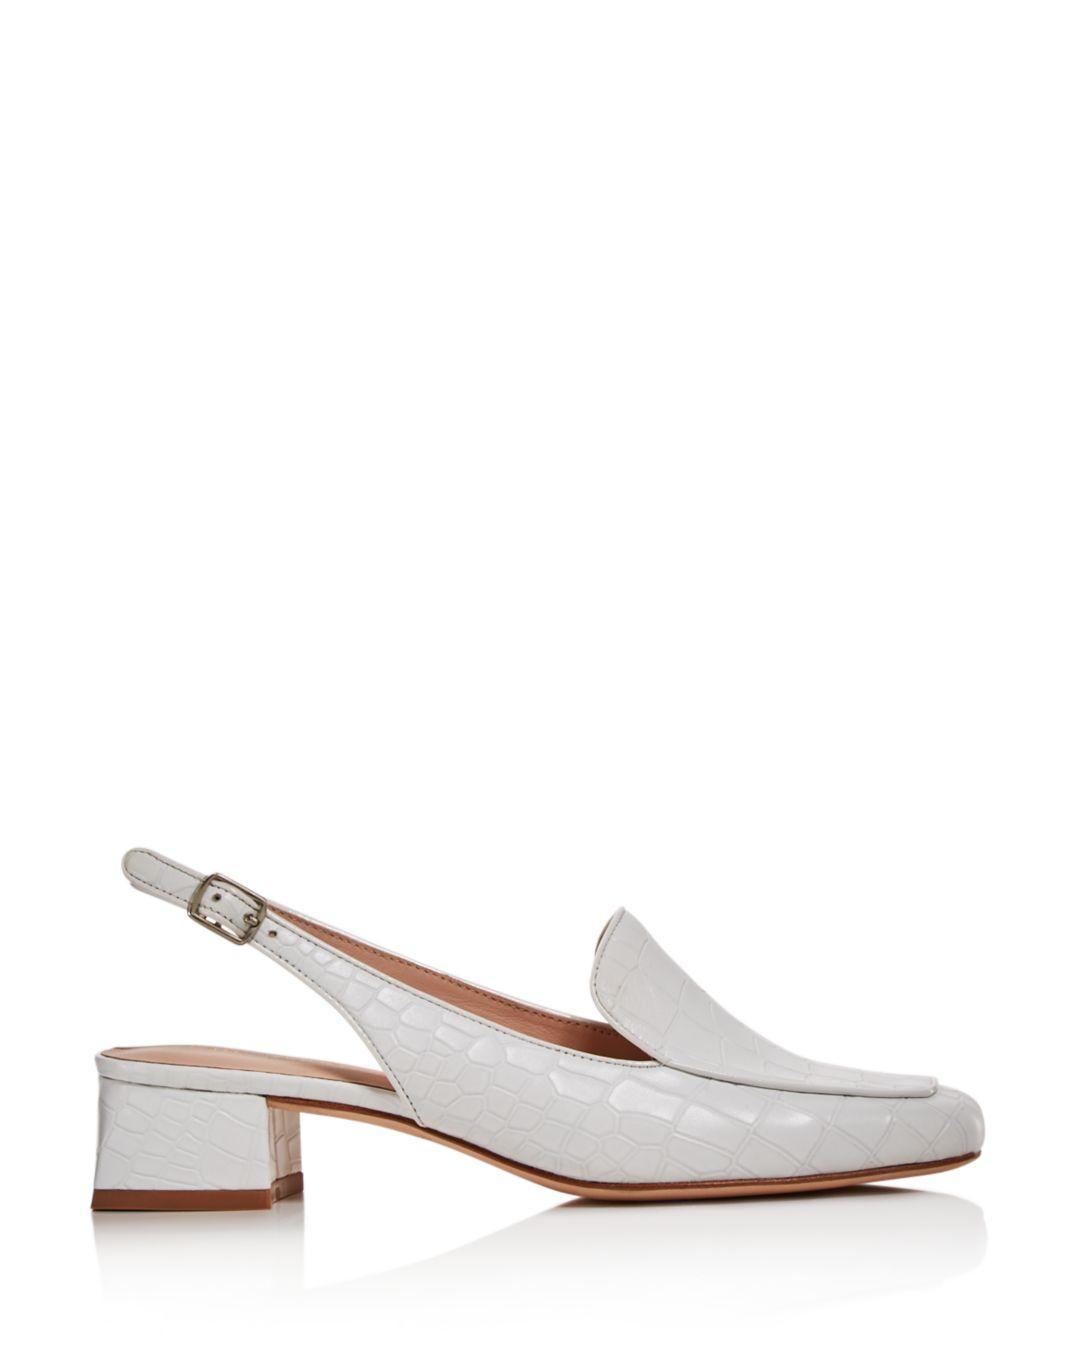 6ac1c8fce83 Lyst - Kate Spade Women s Sahiba Block Heel Slingback Loafers in White